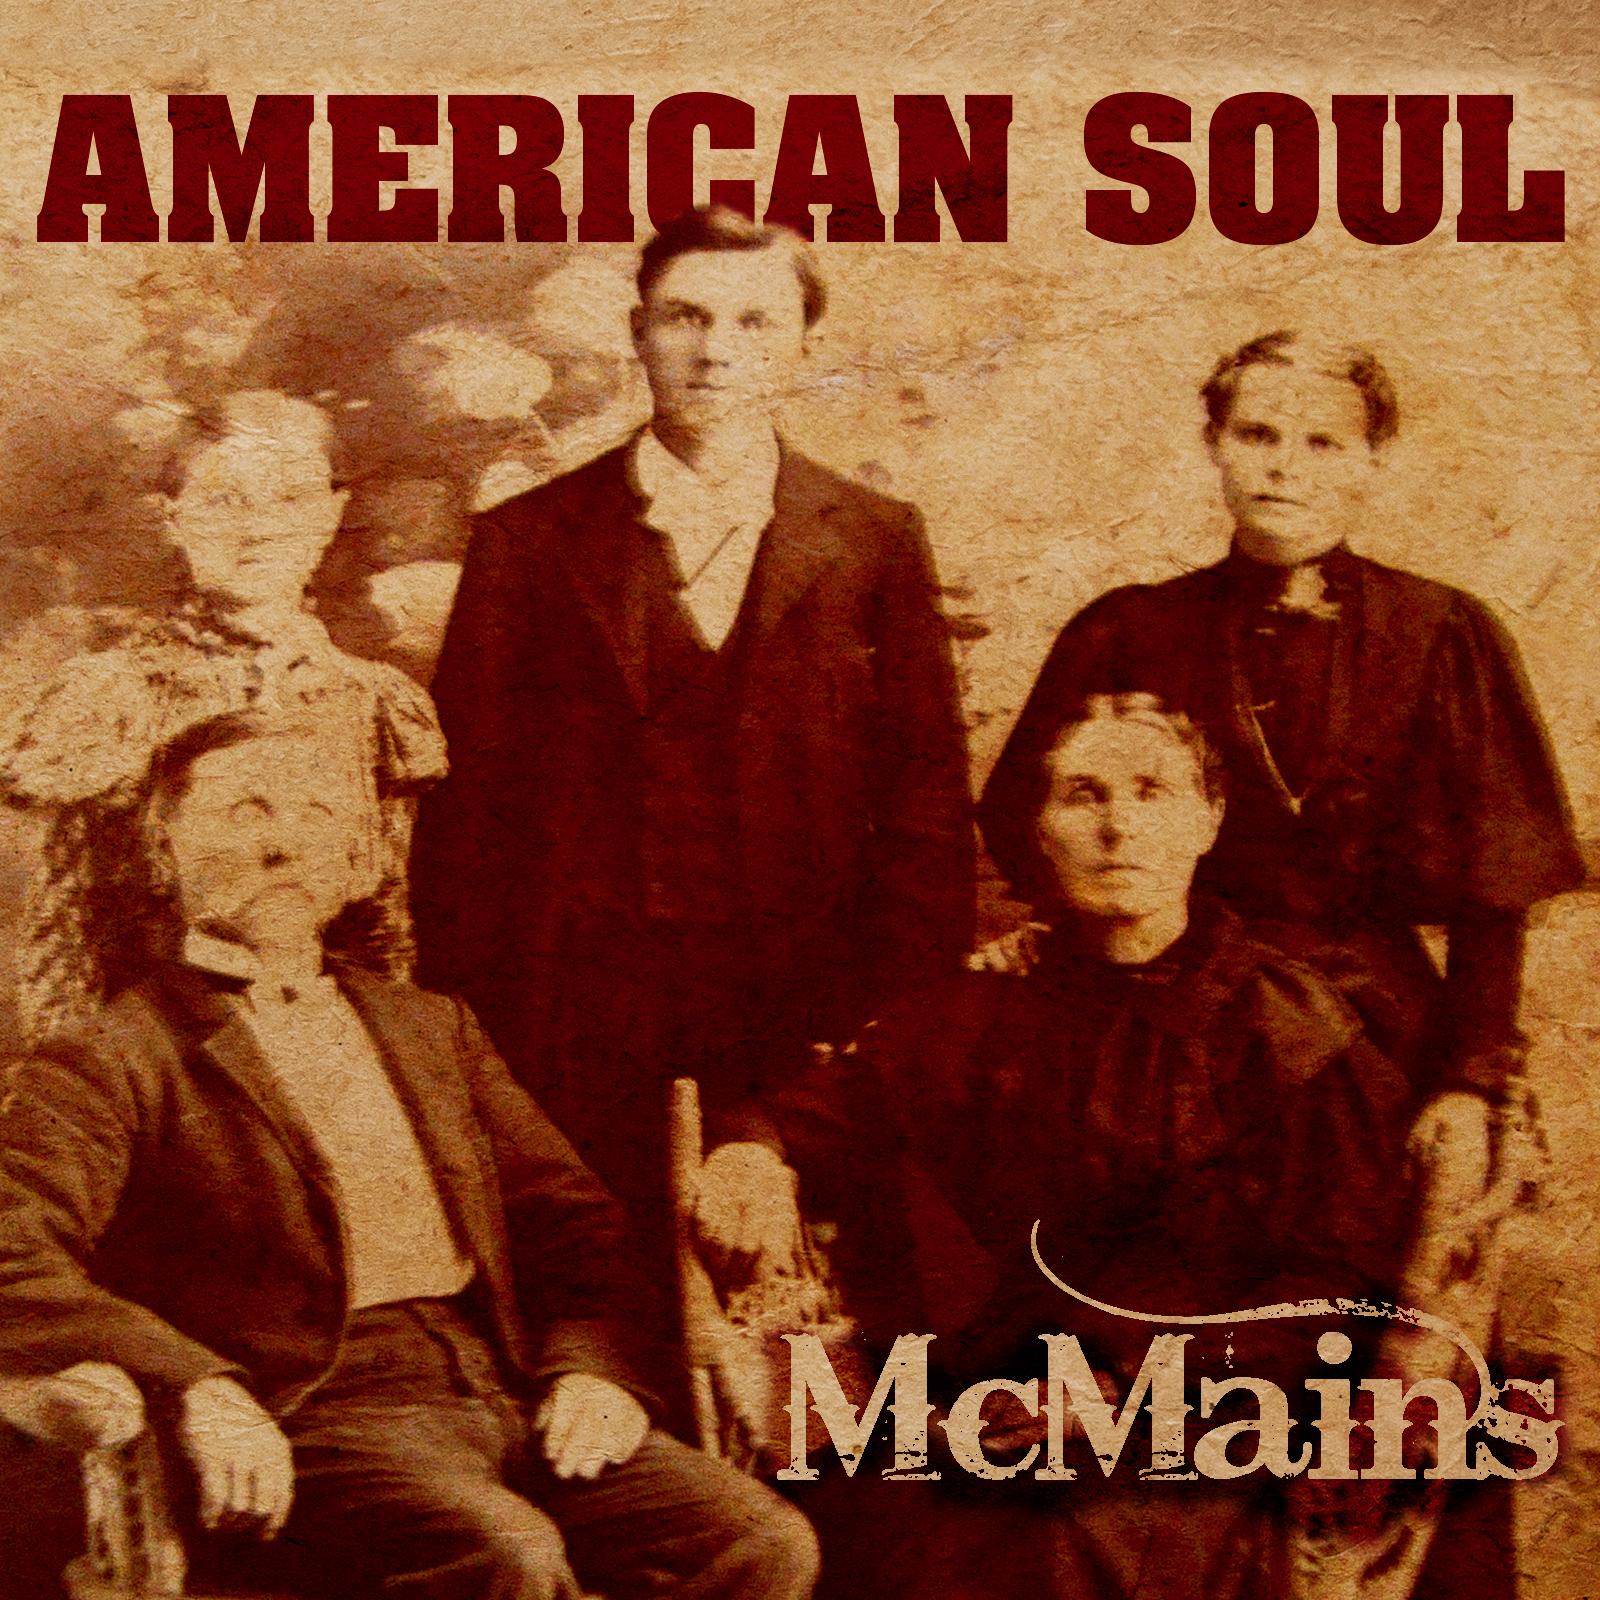 MCMAINS AMERICAN SOUL HI RES CD COVER ART